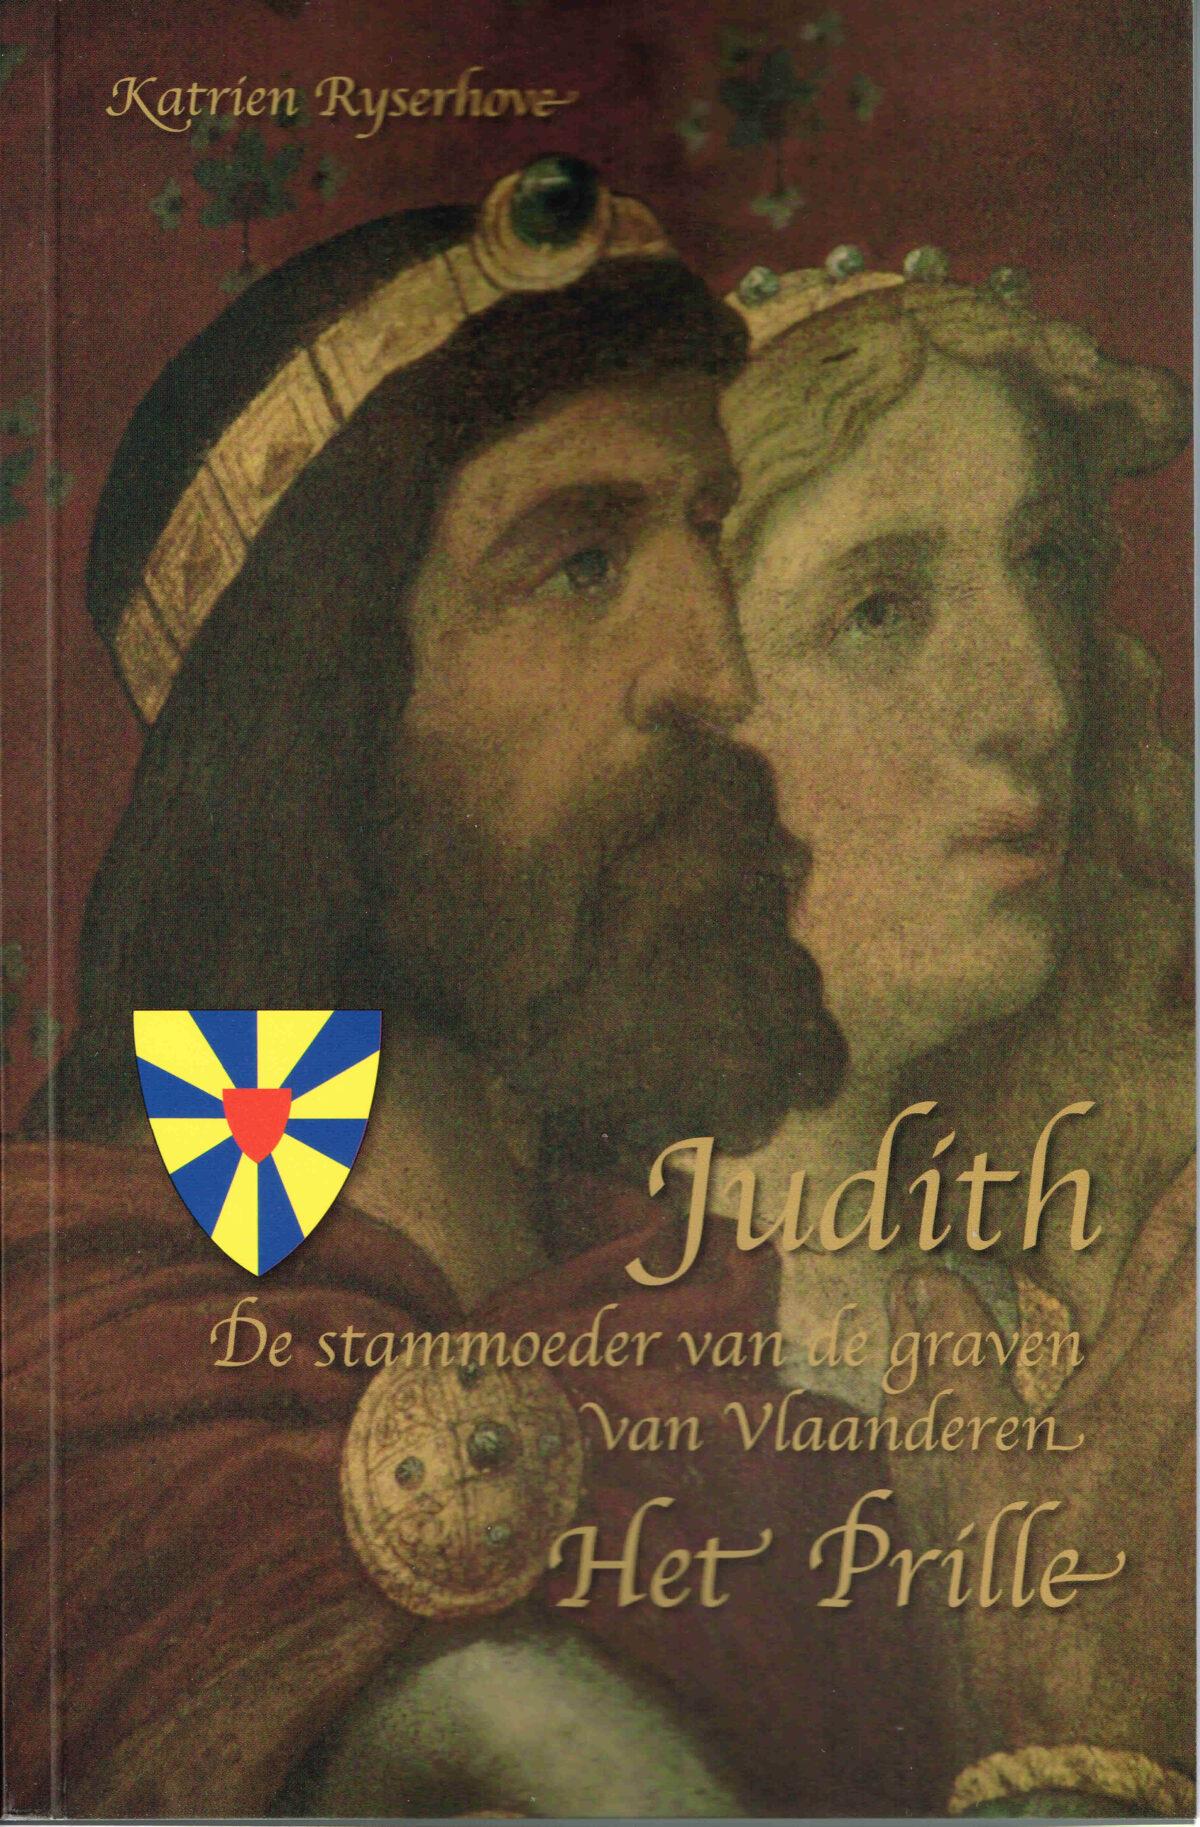 Judith - stammoeder van de Graven Van Vlaanderen